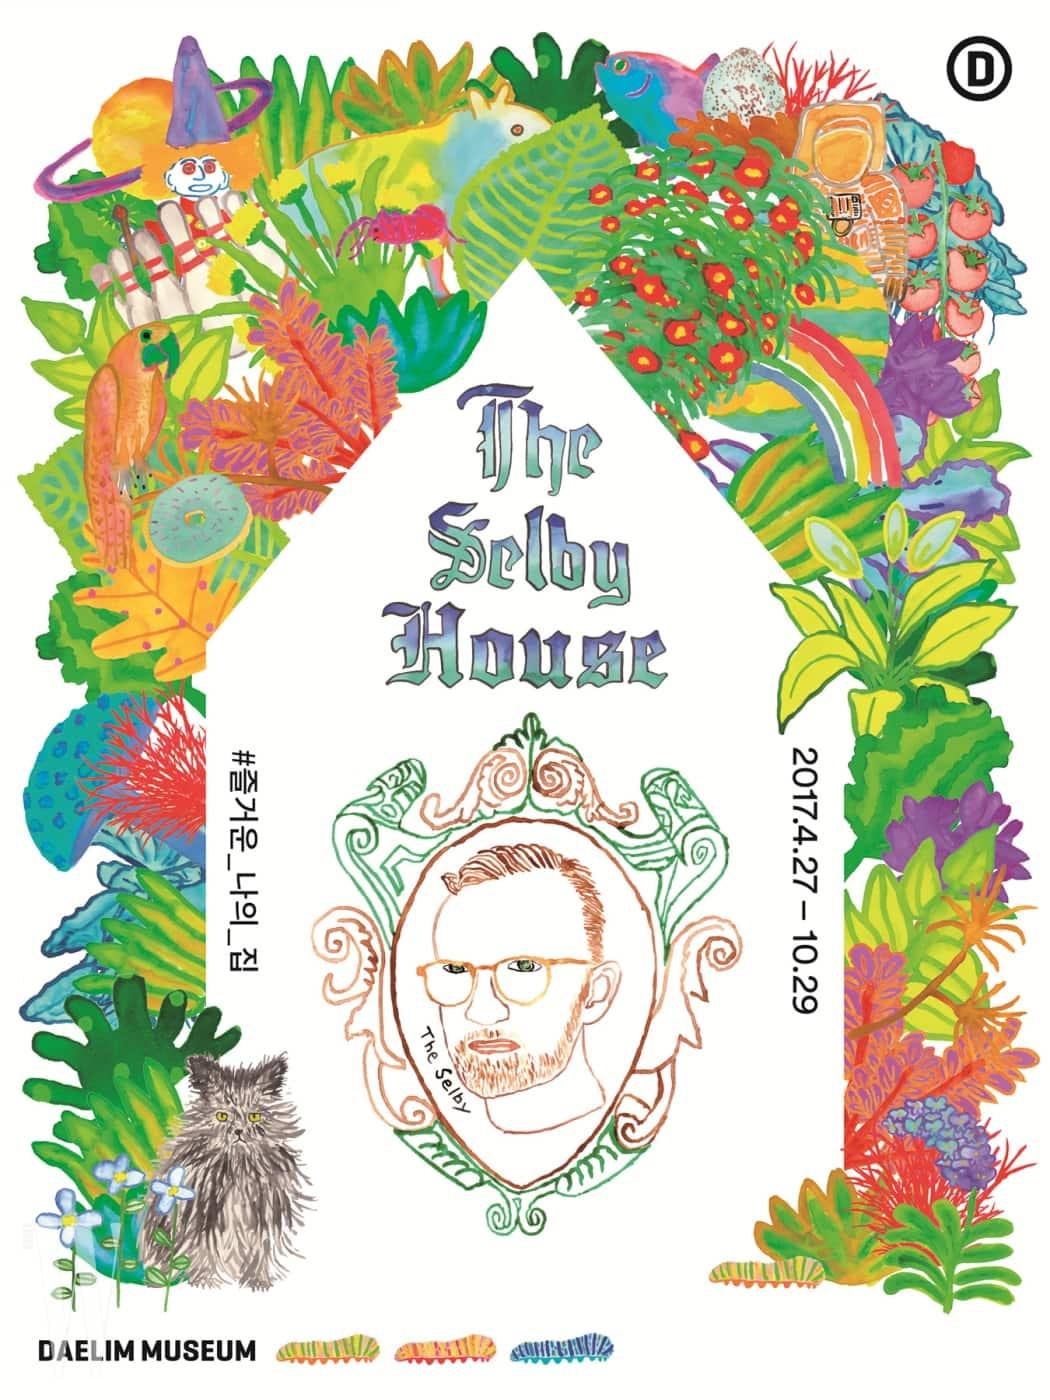 [보도자료]대림미술관_The Selby House_#즐거운_나의_집_포스터